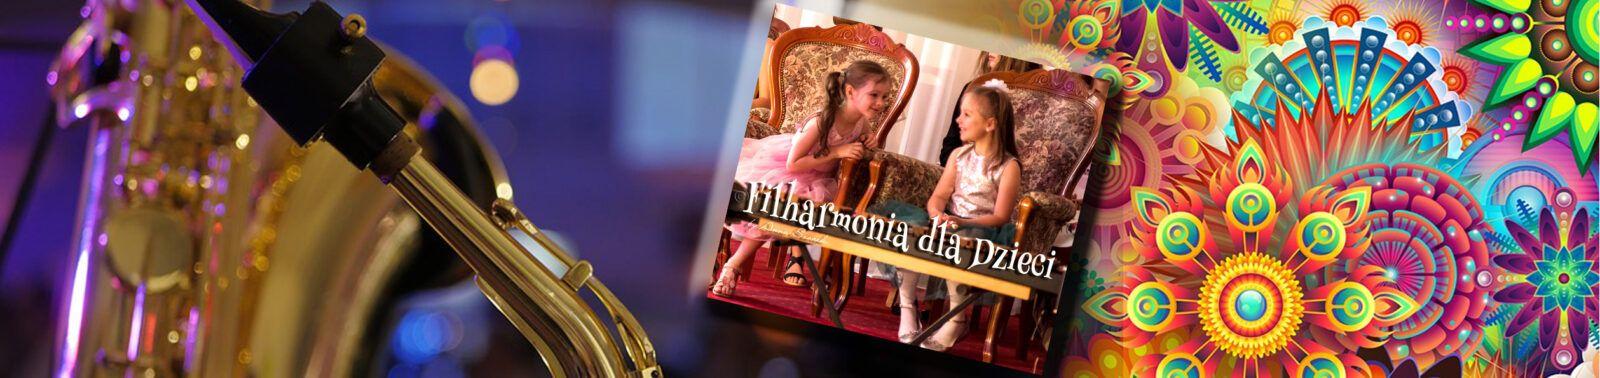 Filharmonia dla dzieci PAŁAC W WILANOWIE LUTY